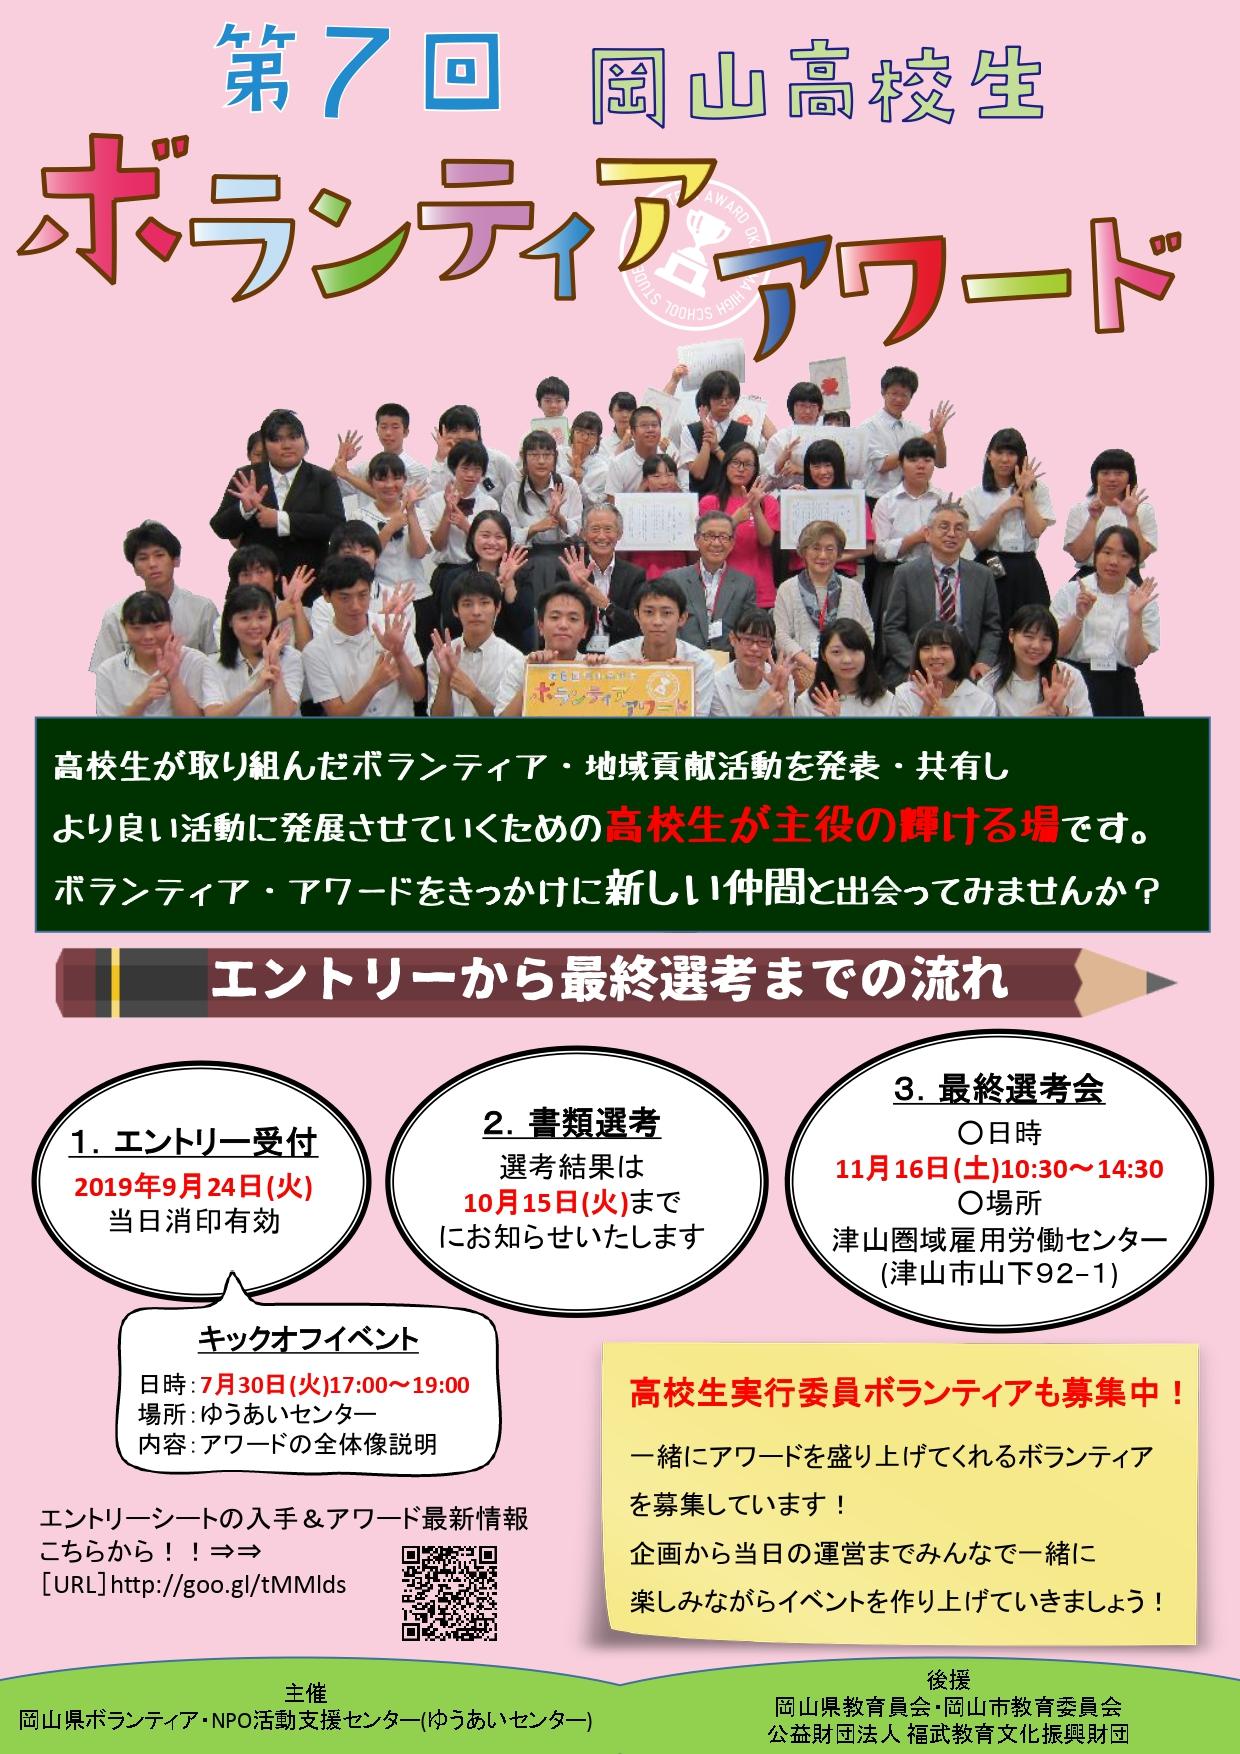 第7回 岡山高校生ボランティア・アワード【エントリー団体募集!】